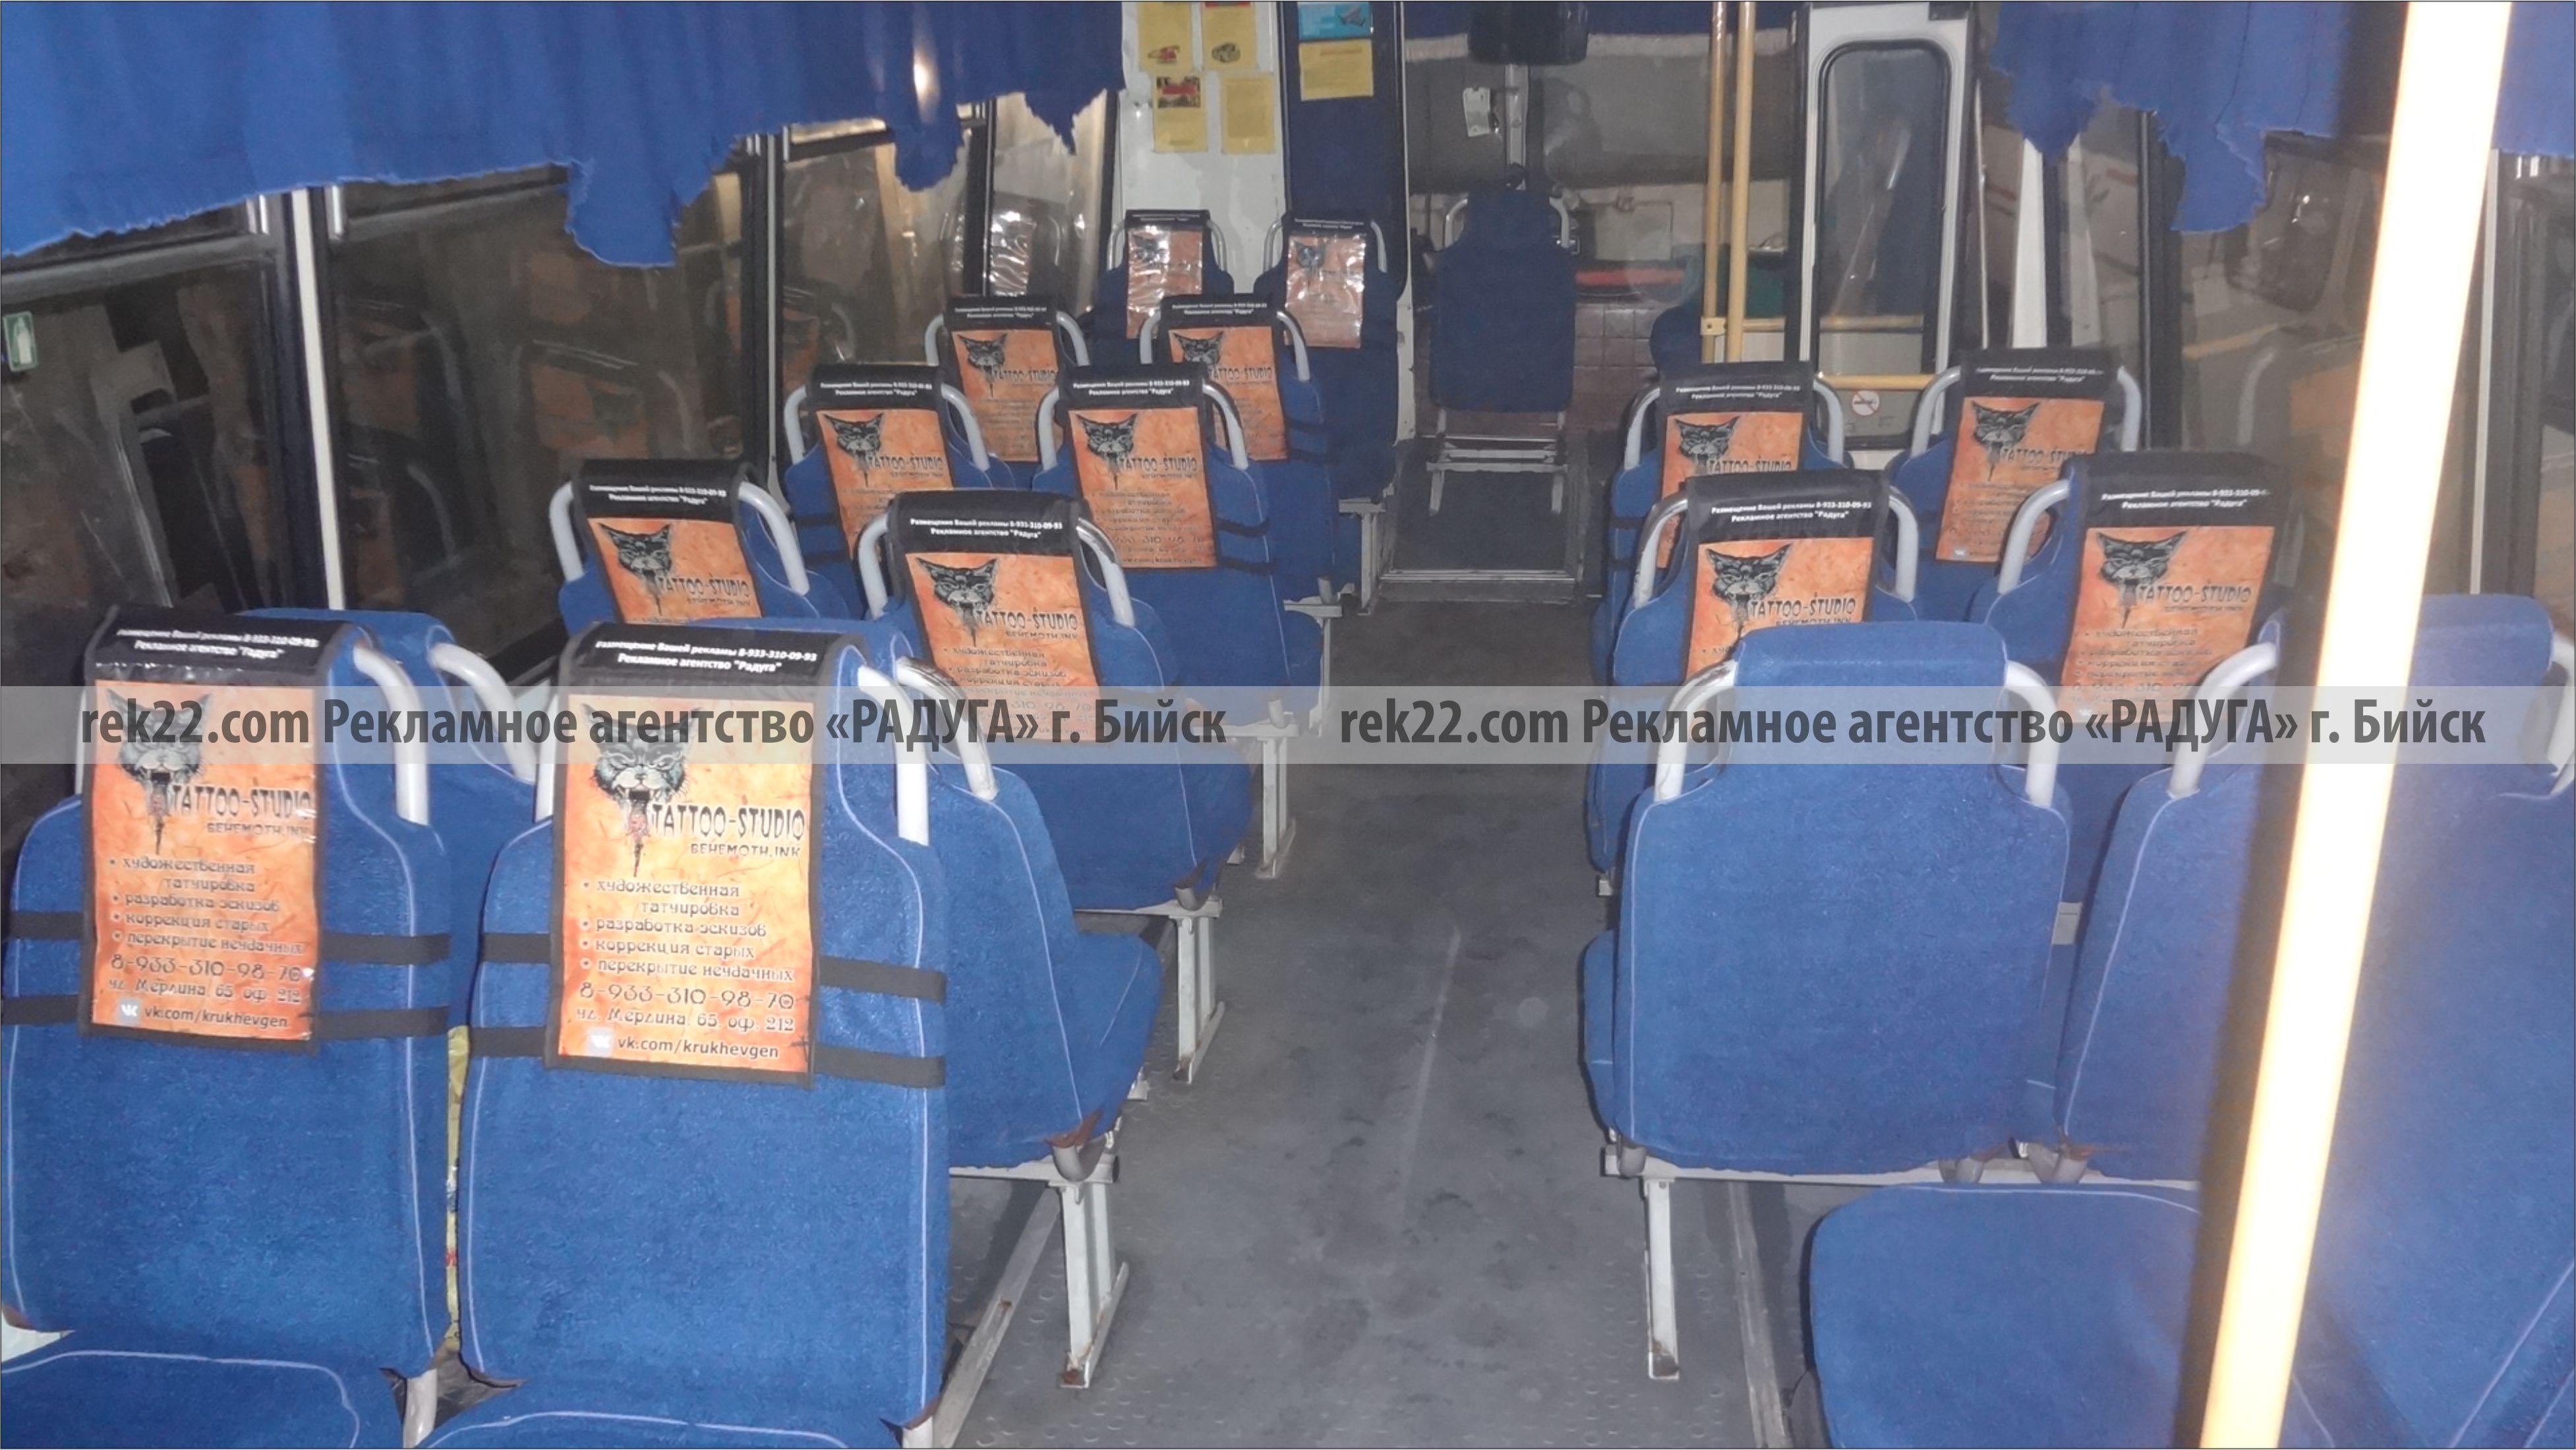 Реклама на транспорте Бийск - подголовники - 14